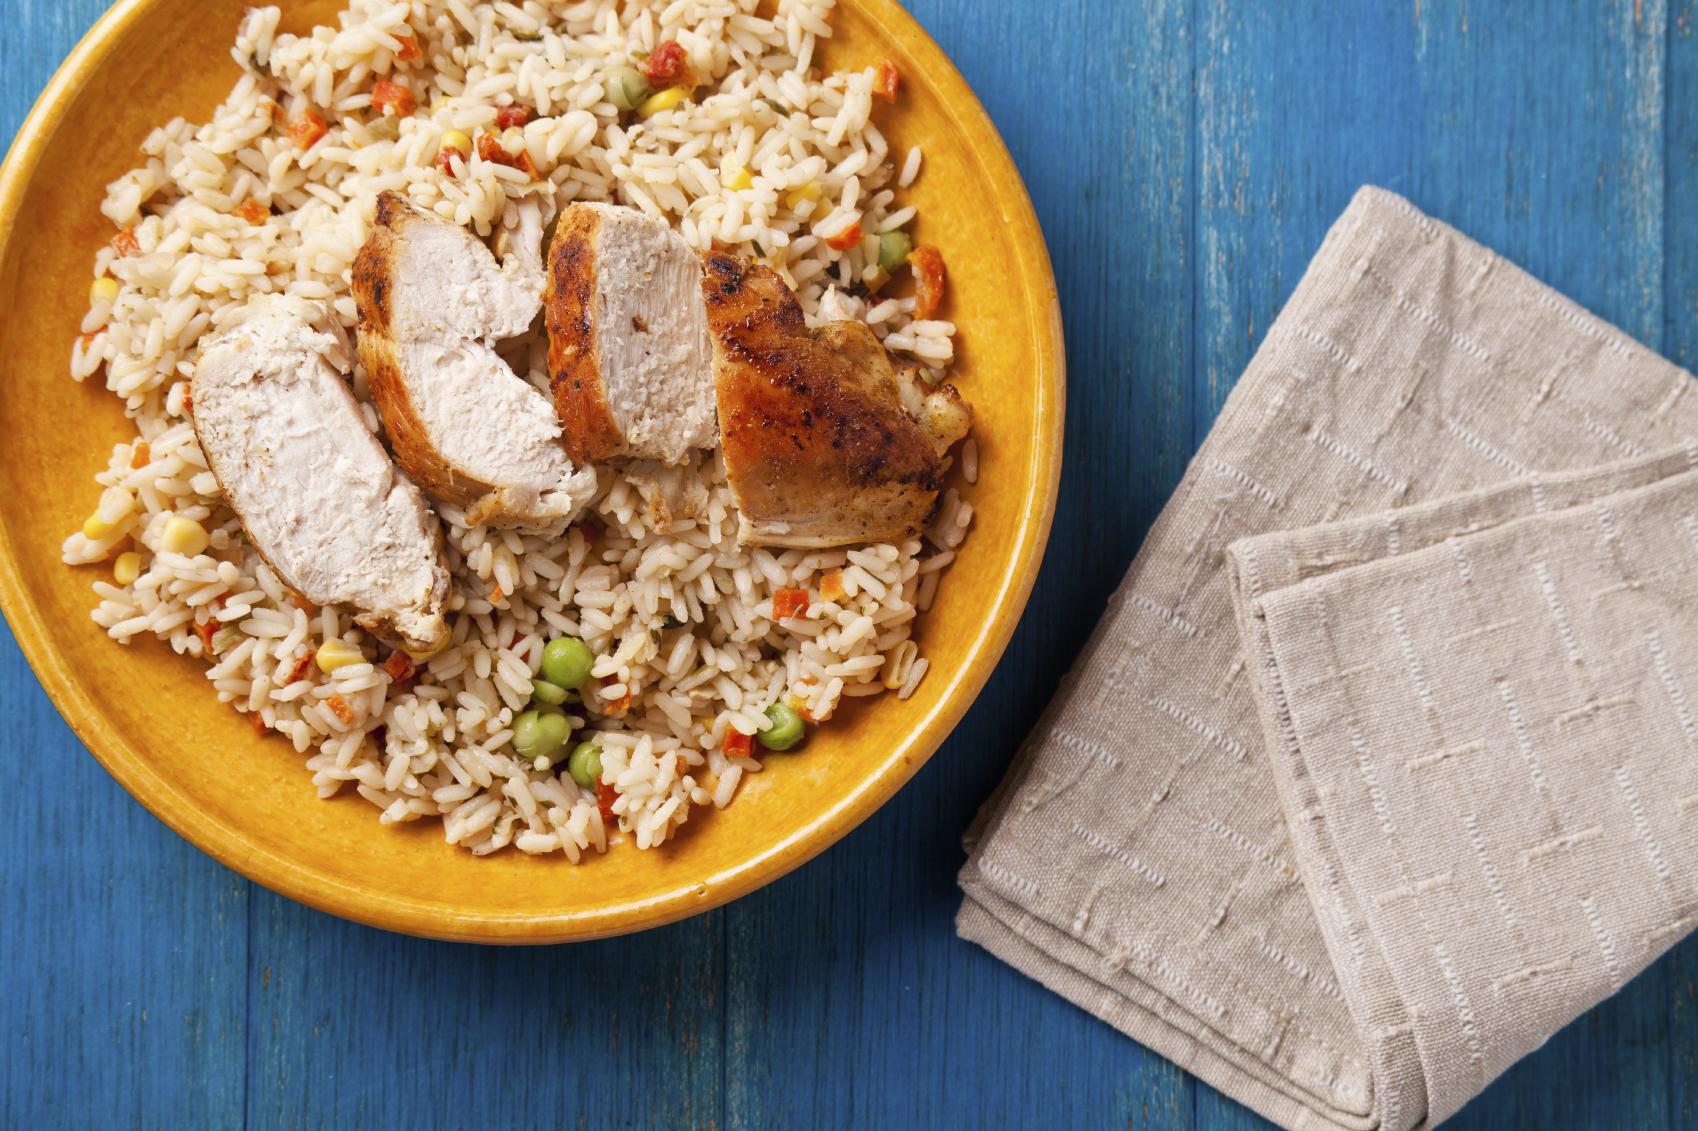 Pechugas de pollo con arroz blanco delicia